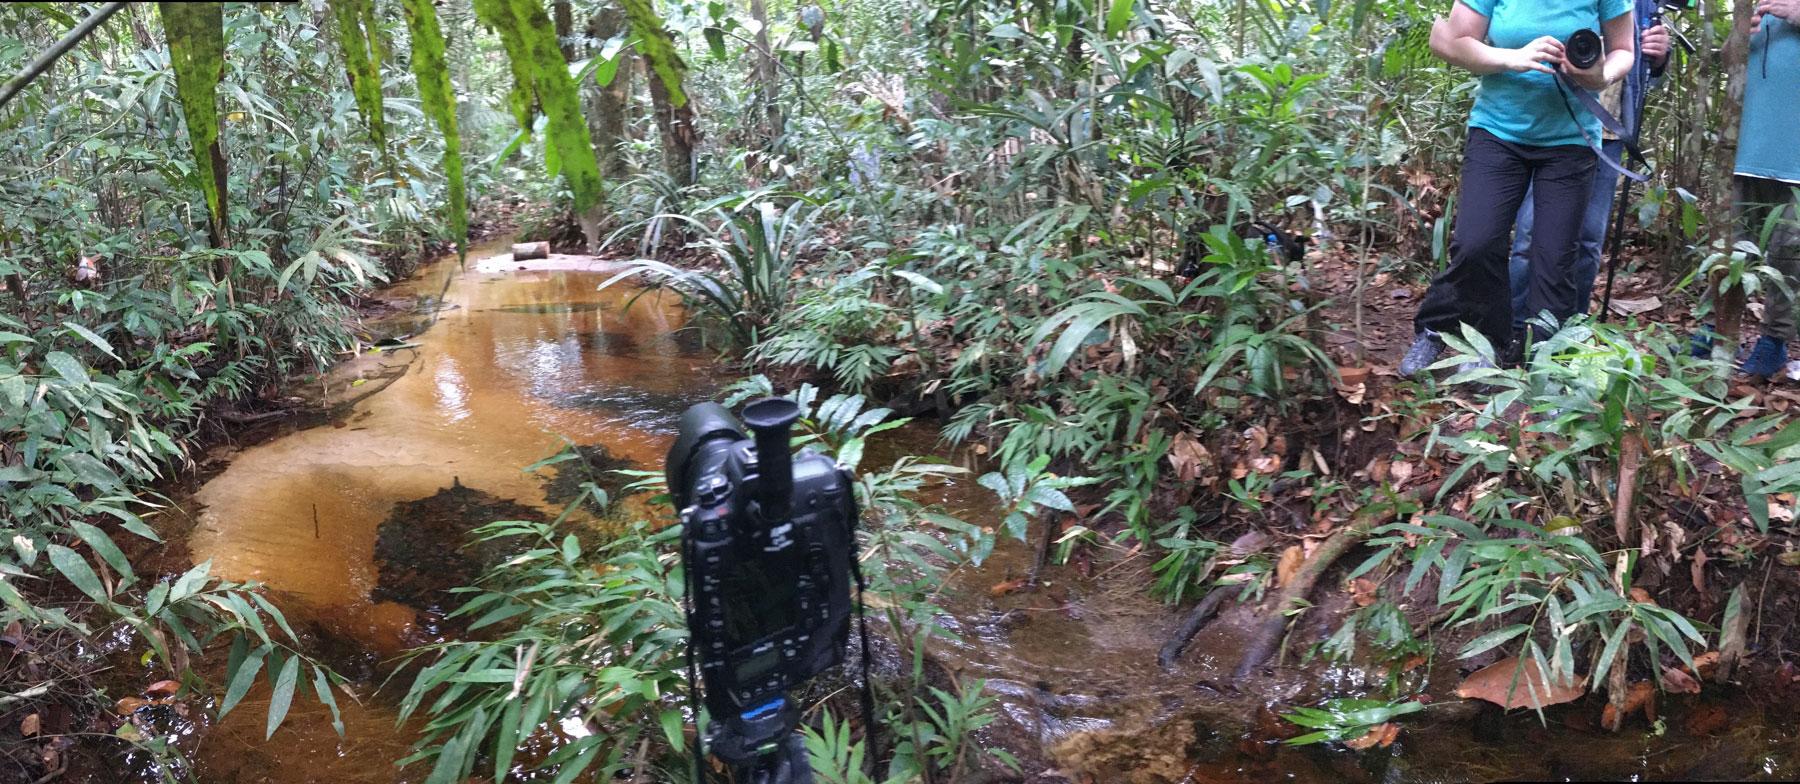 Momentaufnahme im Regenwald einer Fotogruppe an einem kleinen Bach